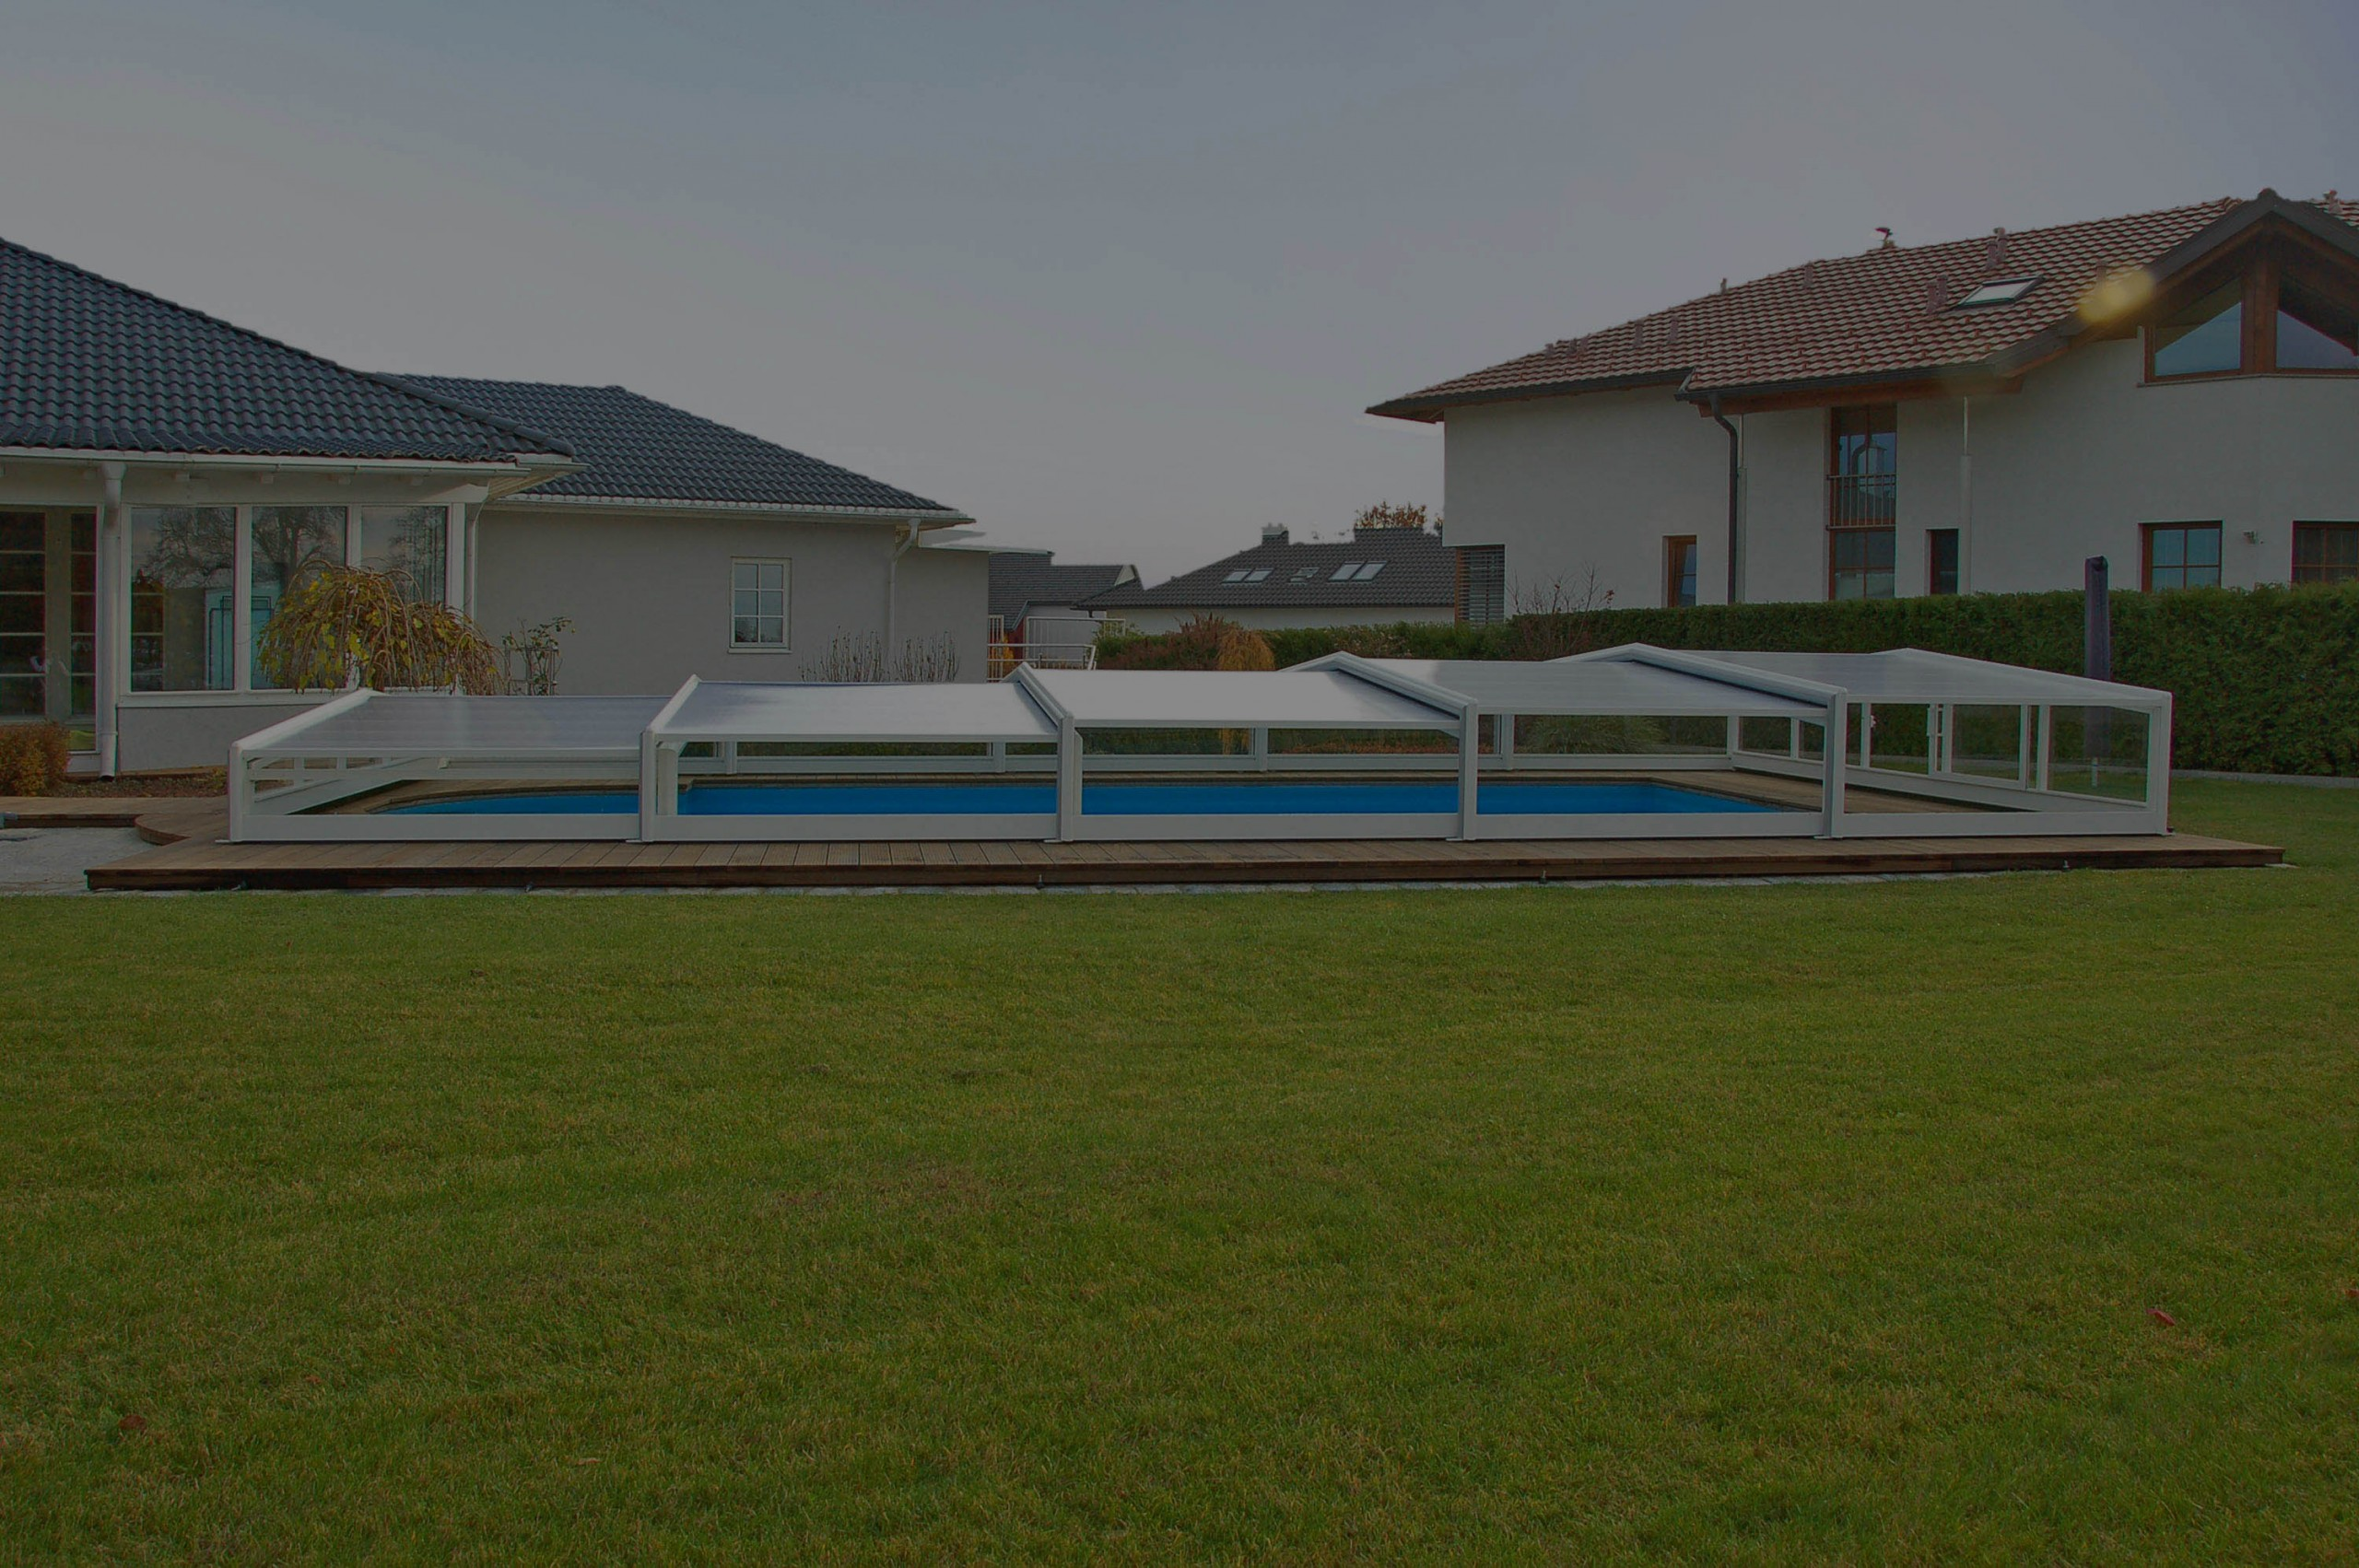 couverture piscine automatique - abris bas 3 angles(maroc)